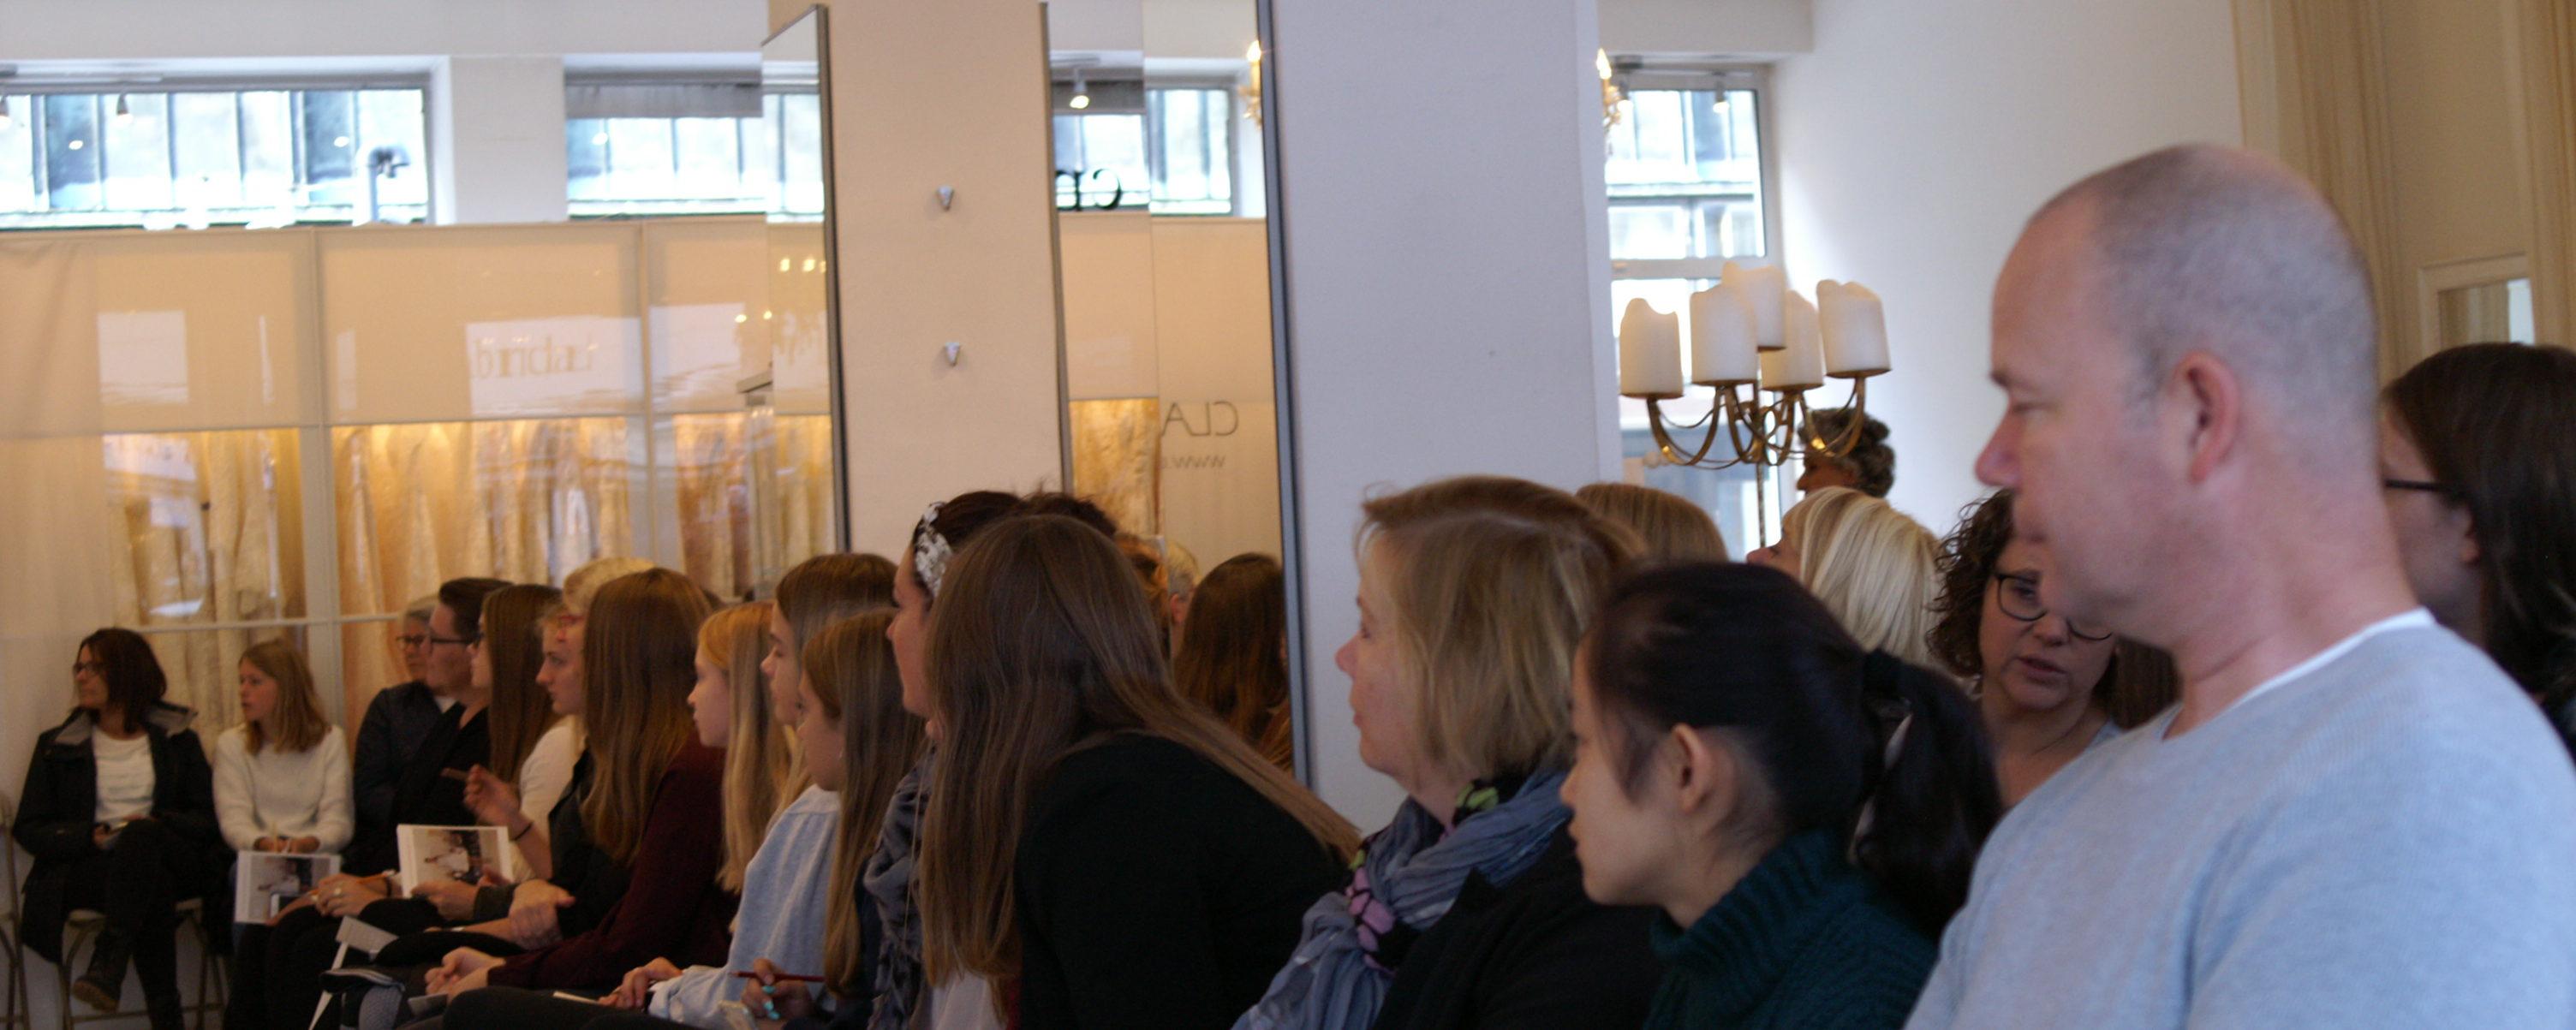 Modeshow 2020 - Publikum